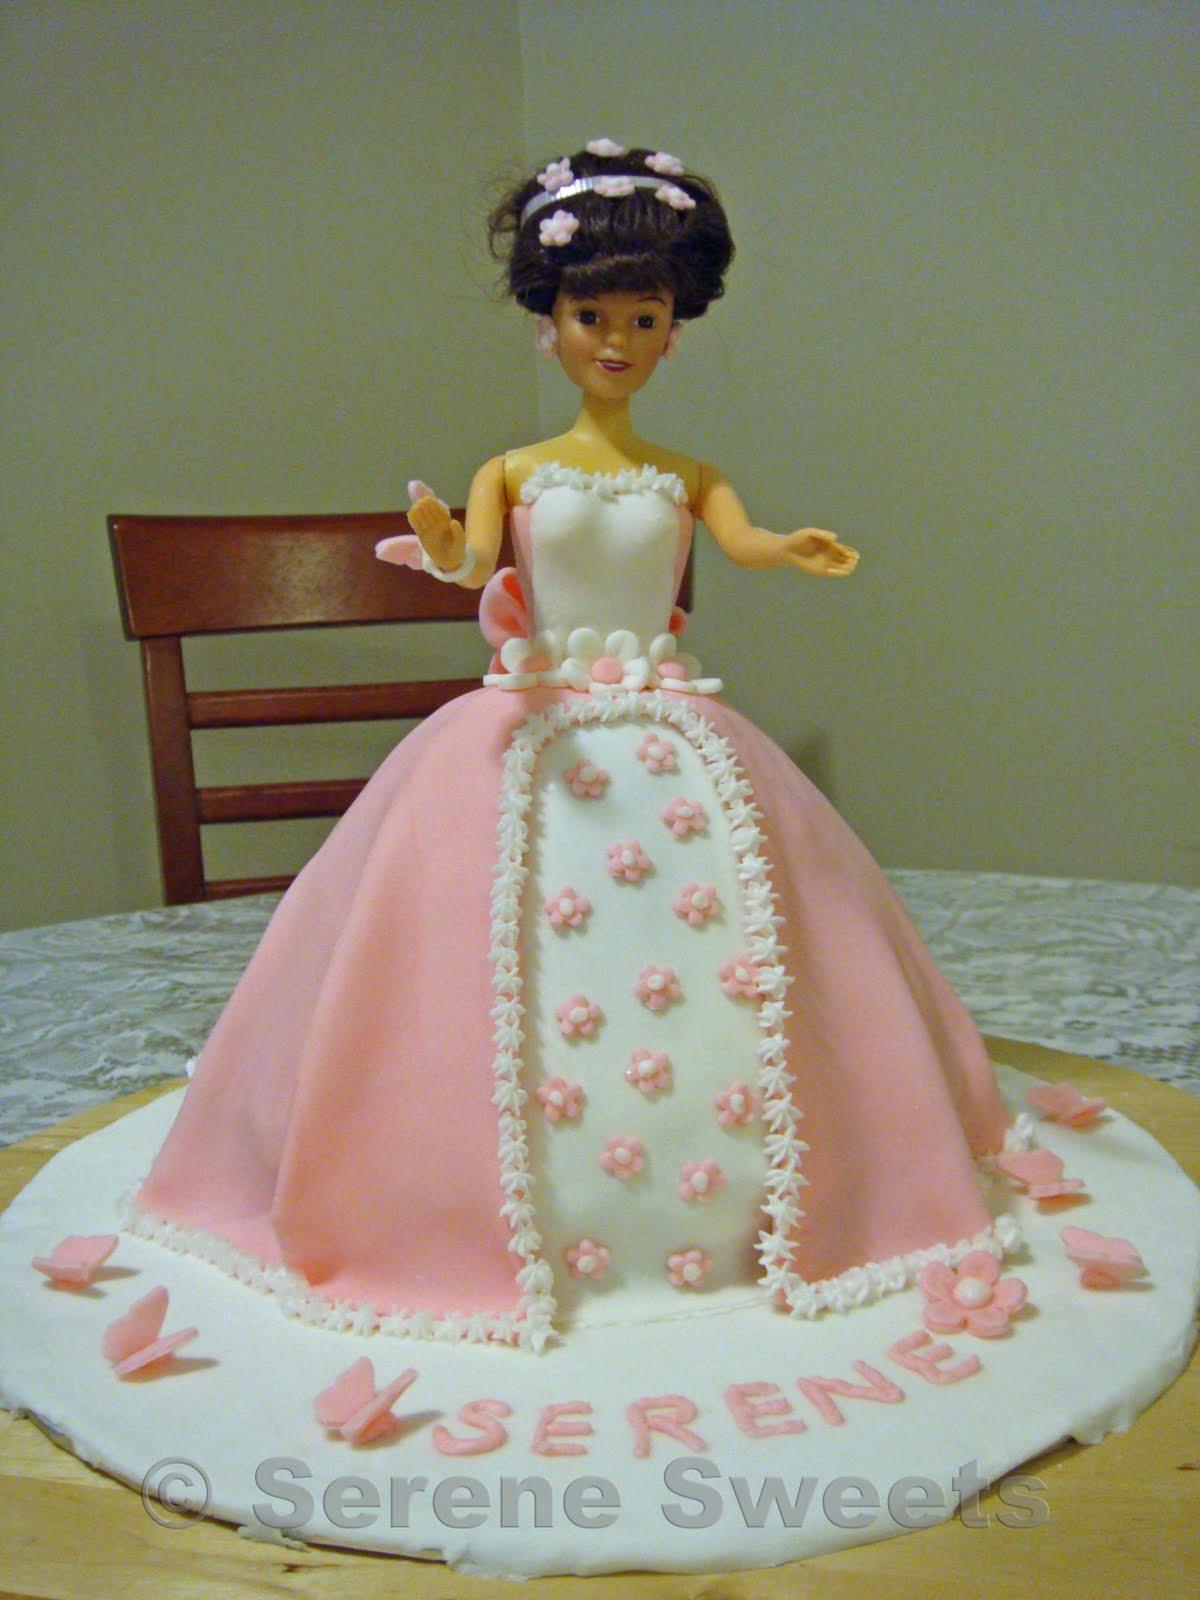 Barbie Fondant Cake Images : Pin Pastel Barbie Fondant Cake Vestido Pic 24 Cake on ...